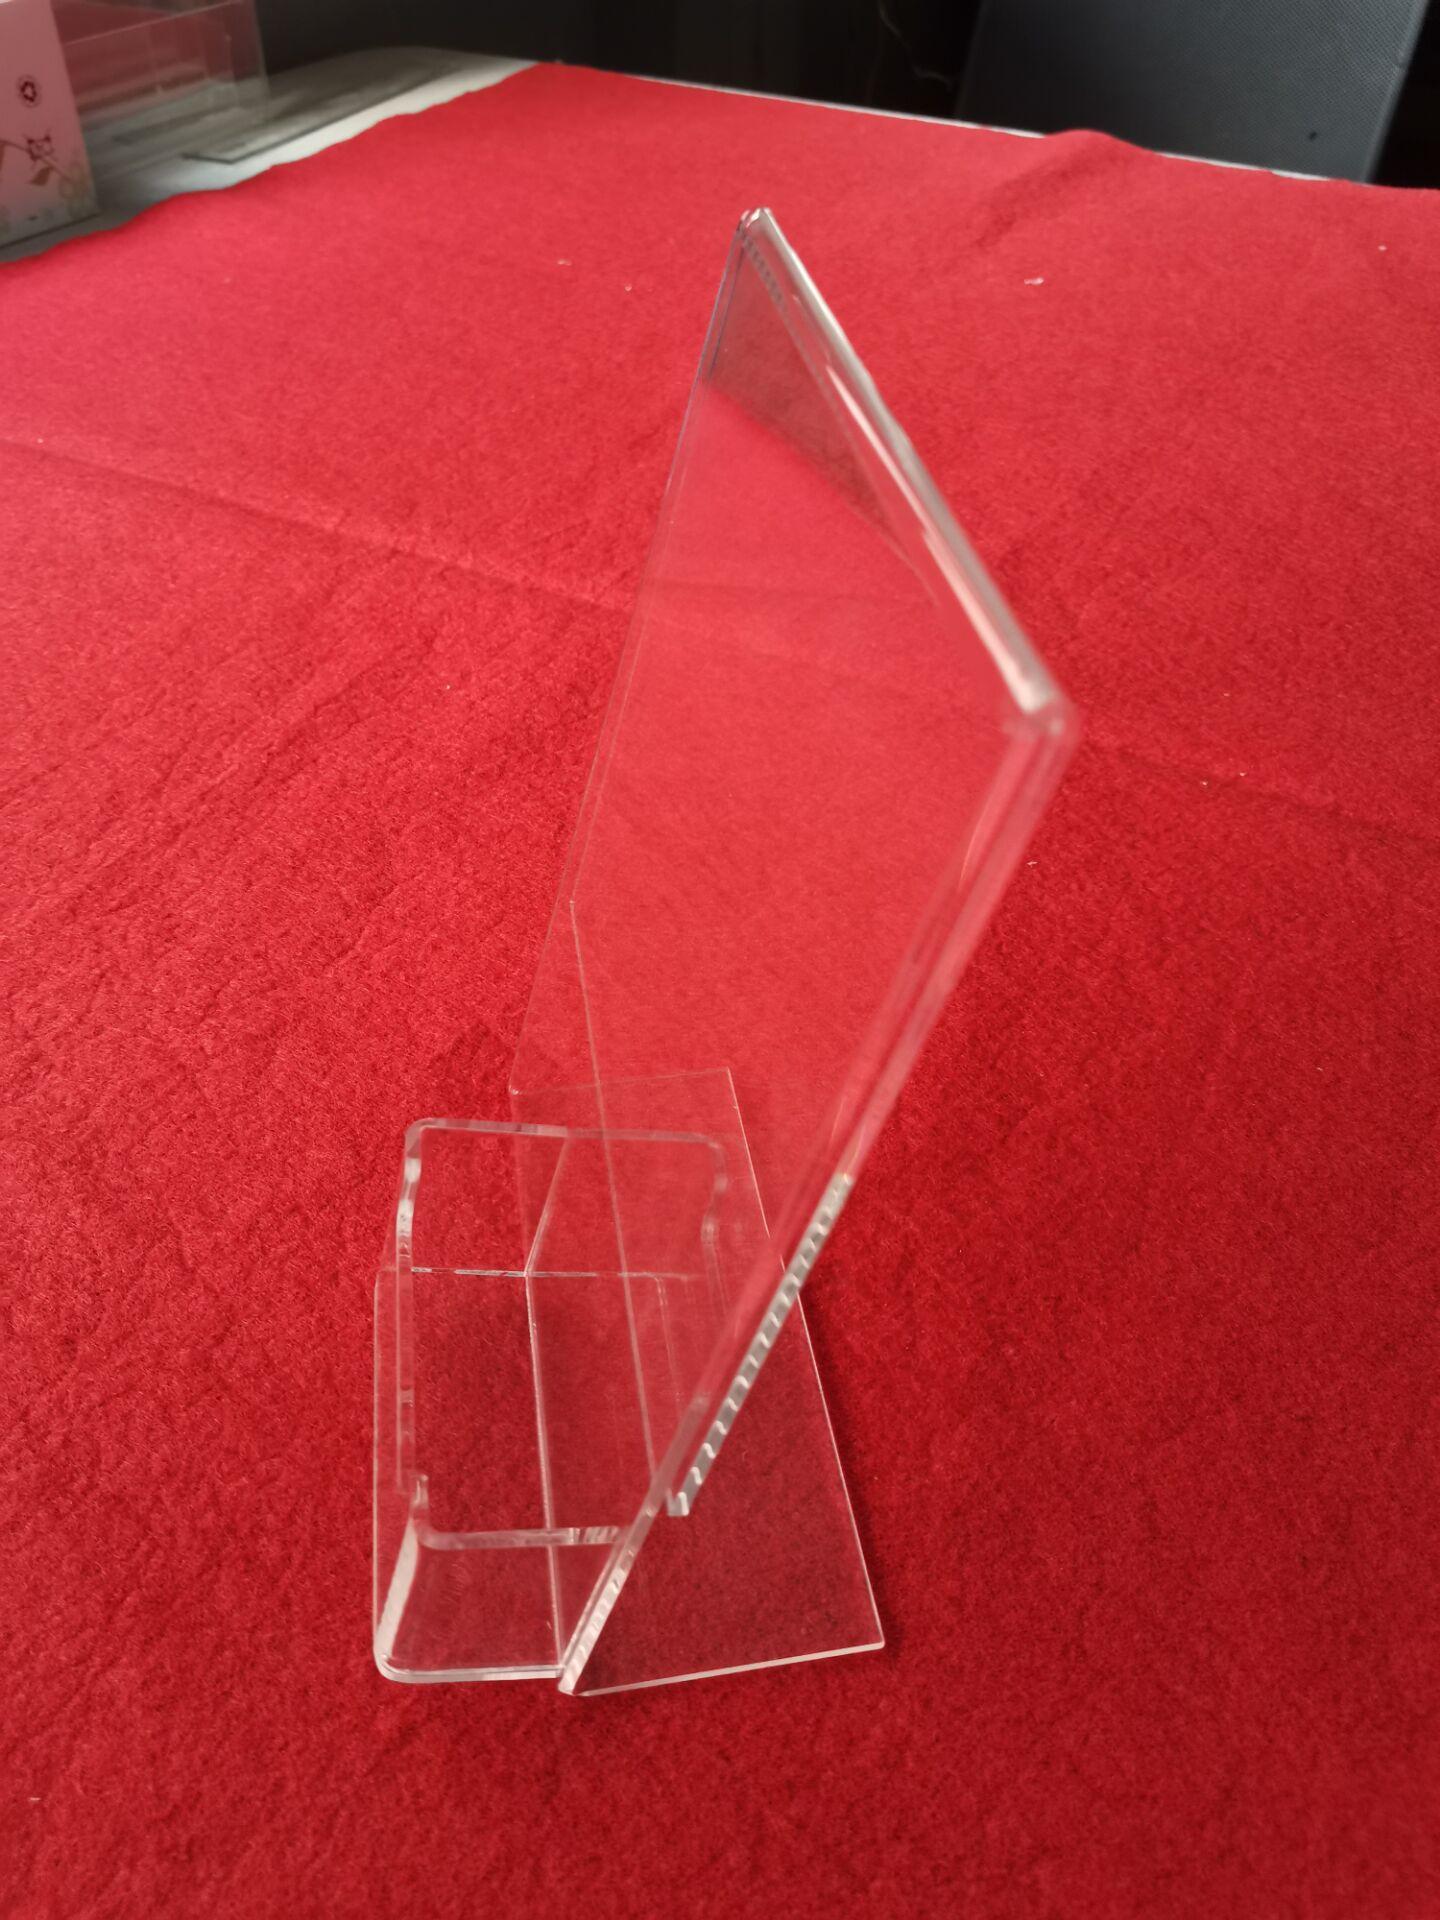 亚克力有机玻璃板定制加工批发 L形带名片盒台卡宣传页牌